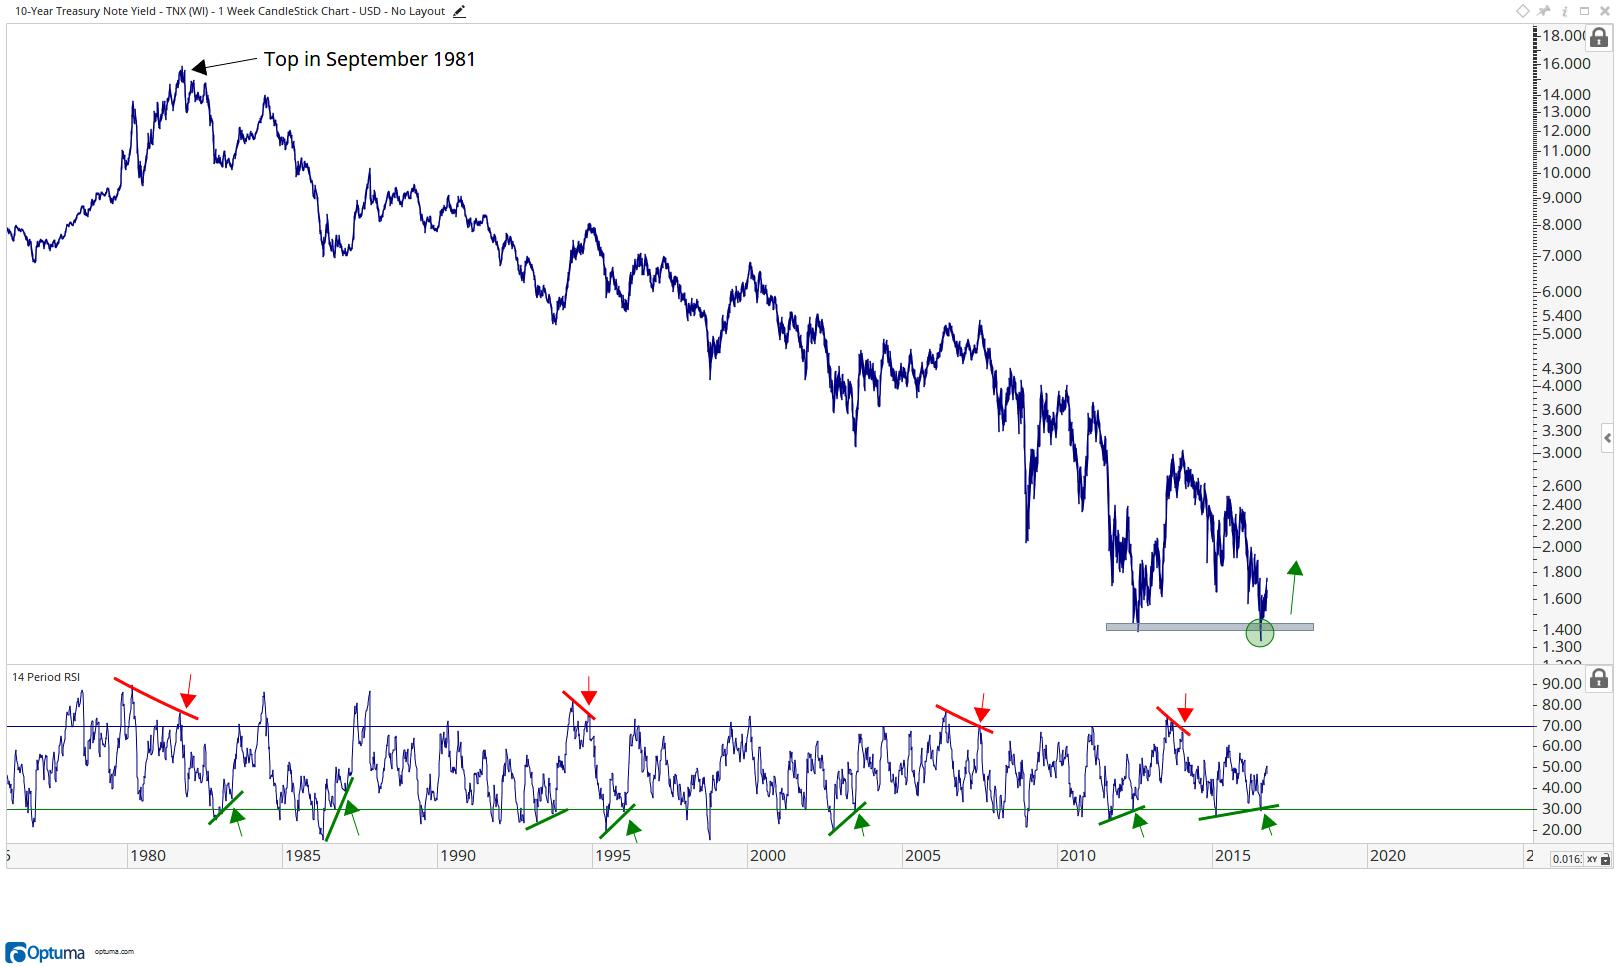 U.S. 10-Year Yield